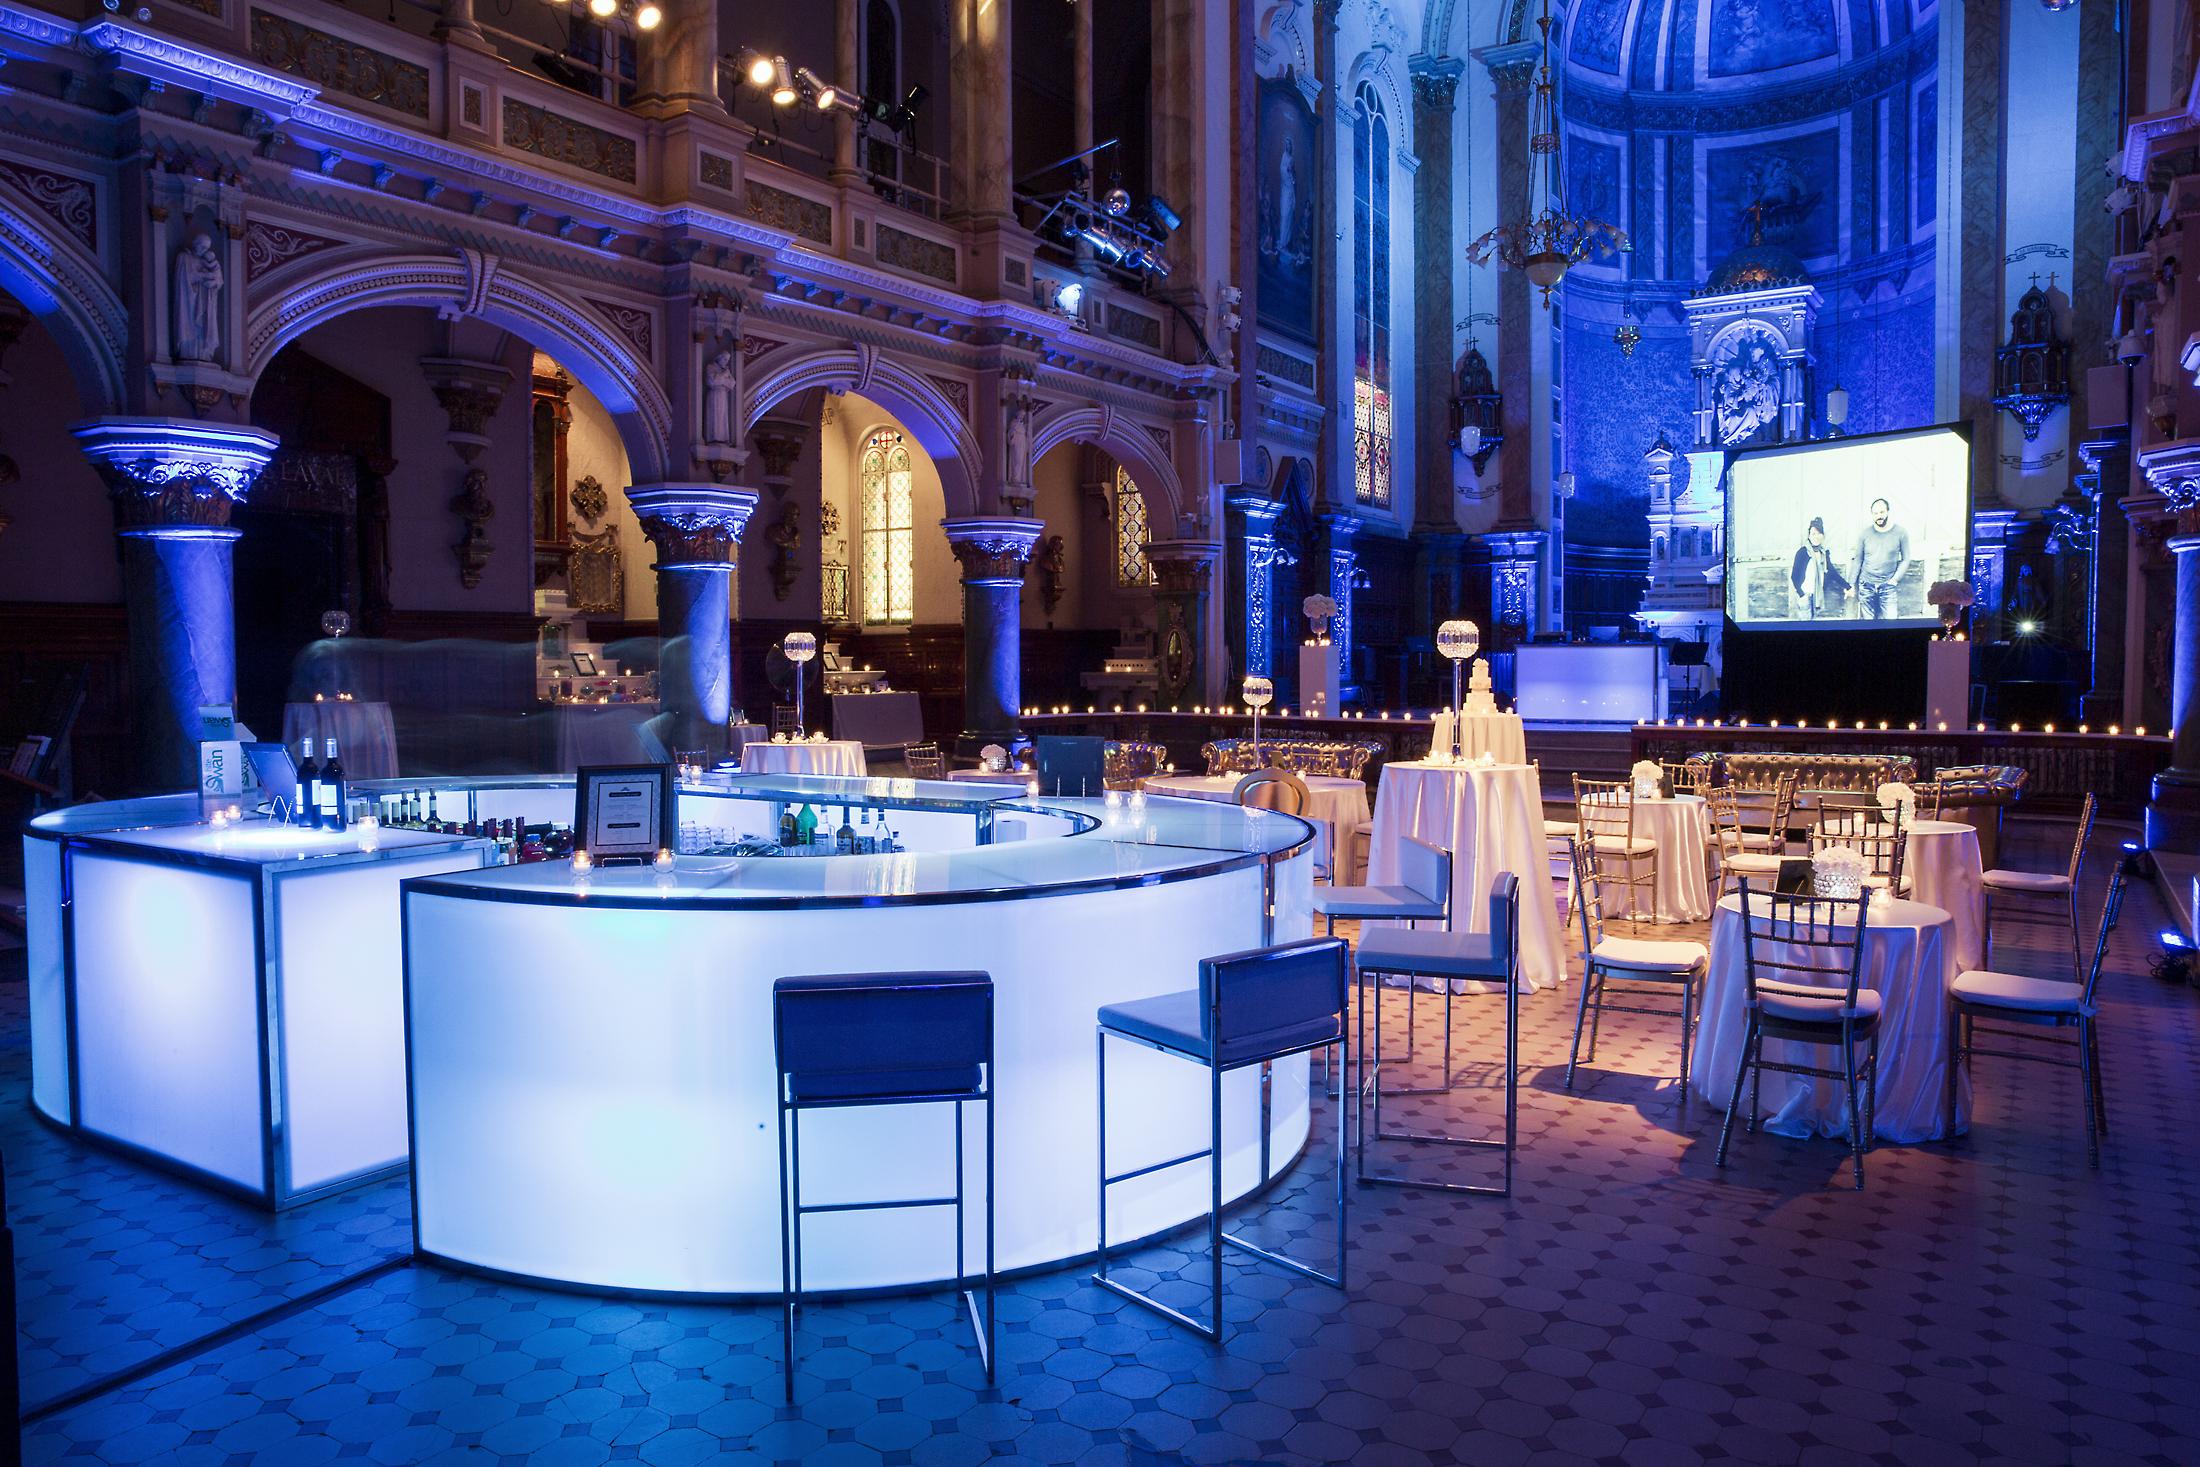 mariage cocktail dnatoire au muse de lamrique francophone - Cocktail Dinatoire Mariage